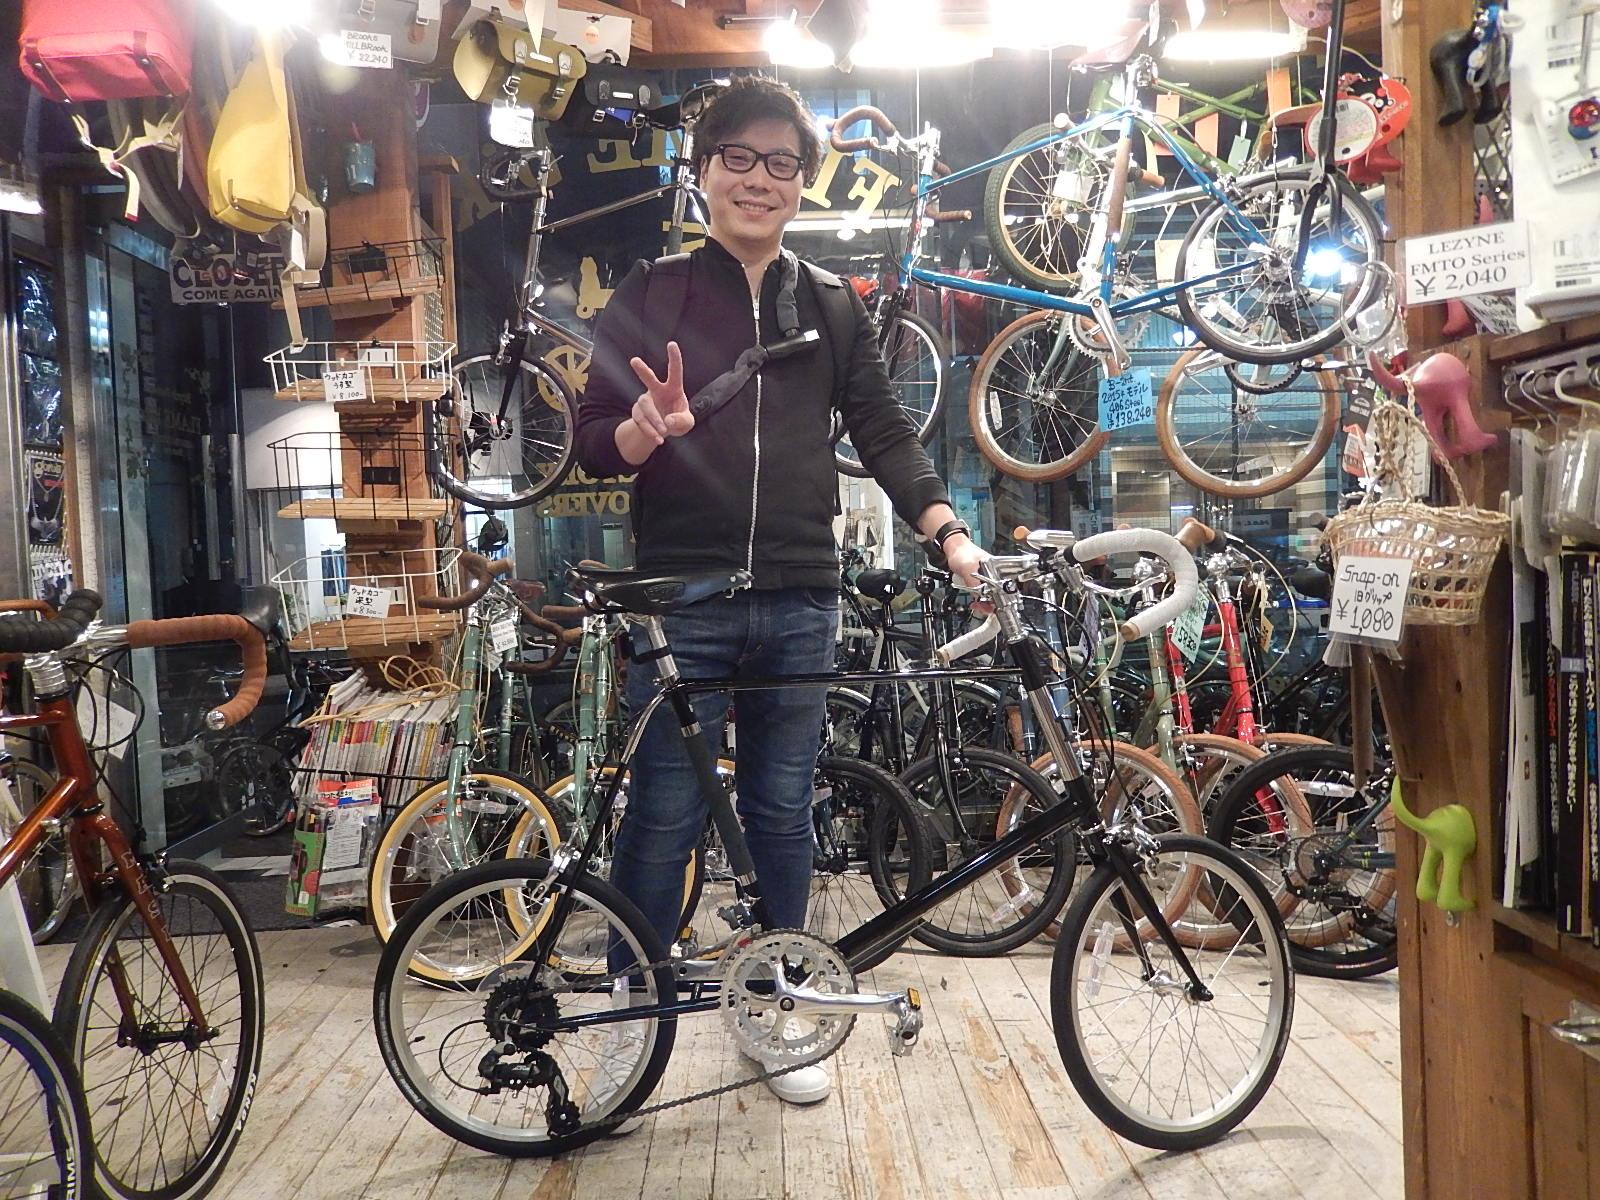 10月16日 渋谷 原宿 の自転車屋 FLAME bike前です_e0188759_17584121.jpg